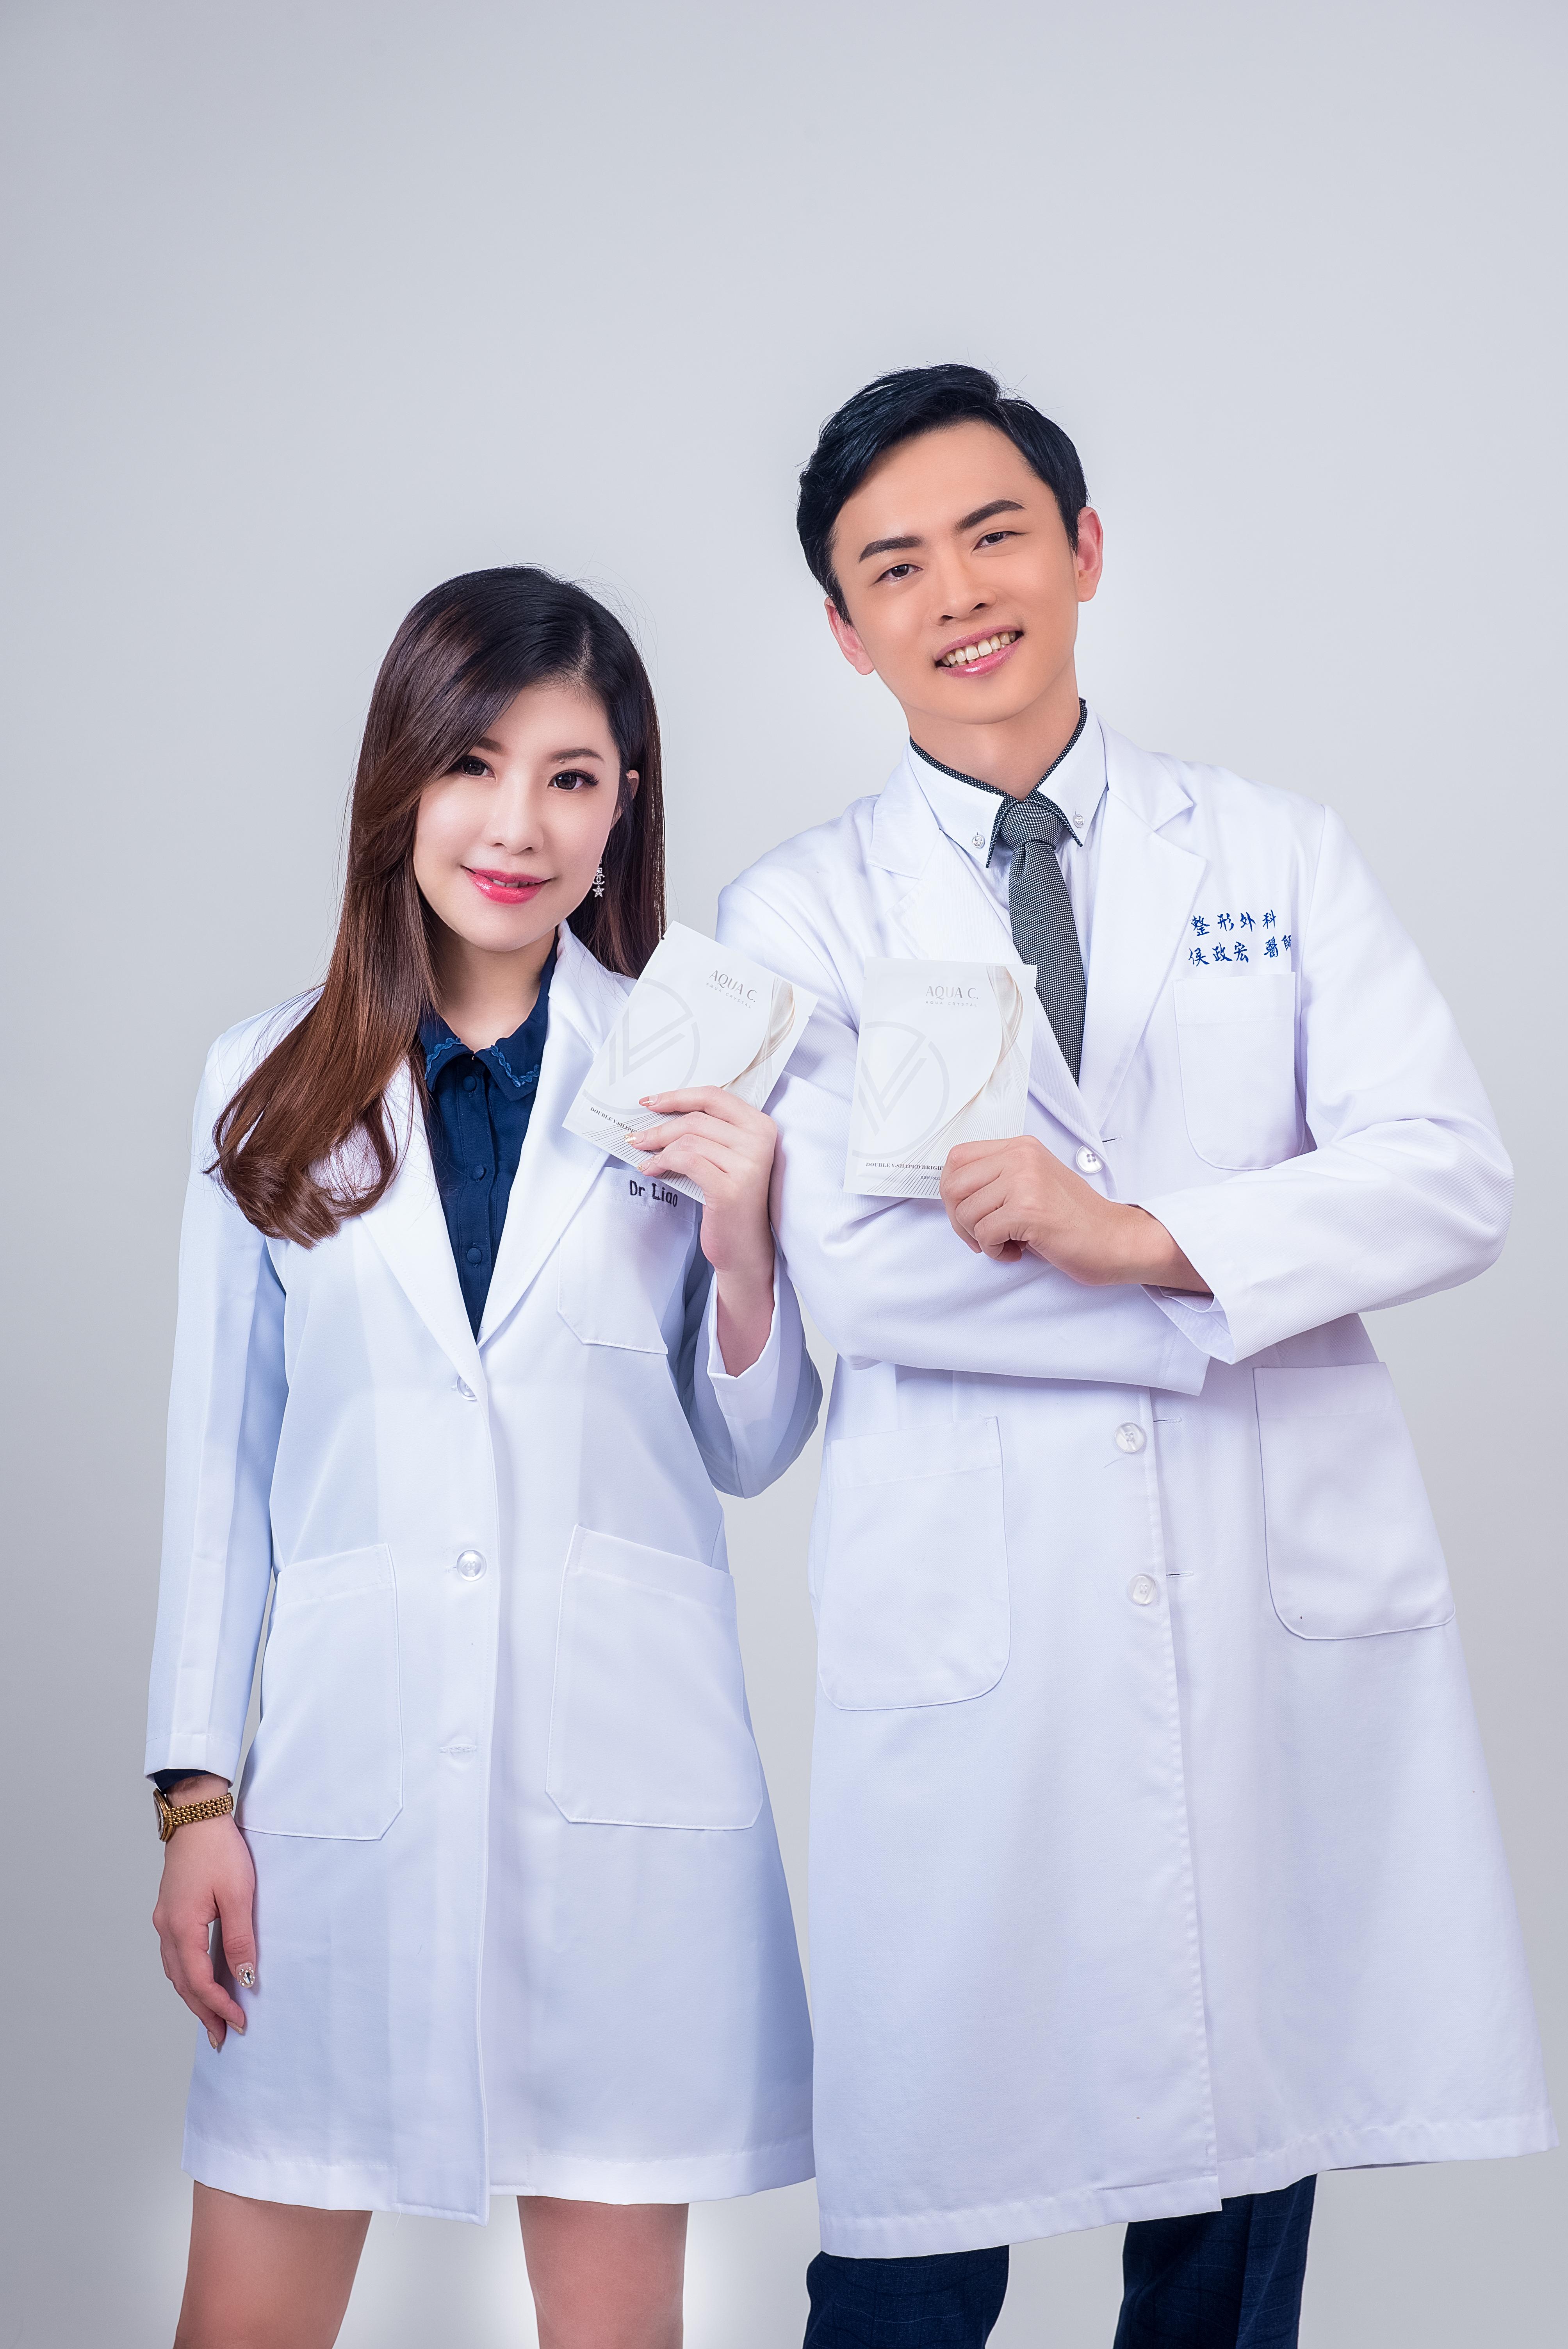 井欣生醫 AQUA C. 花漾皙 醫師代言照